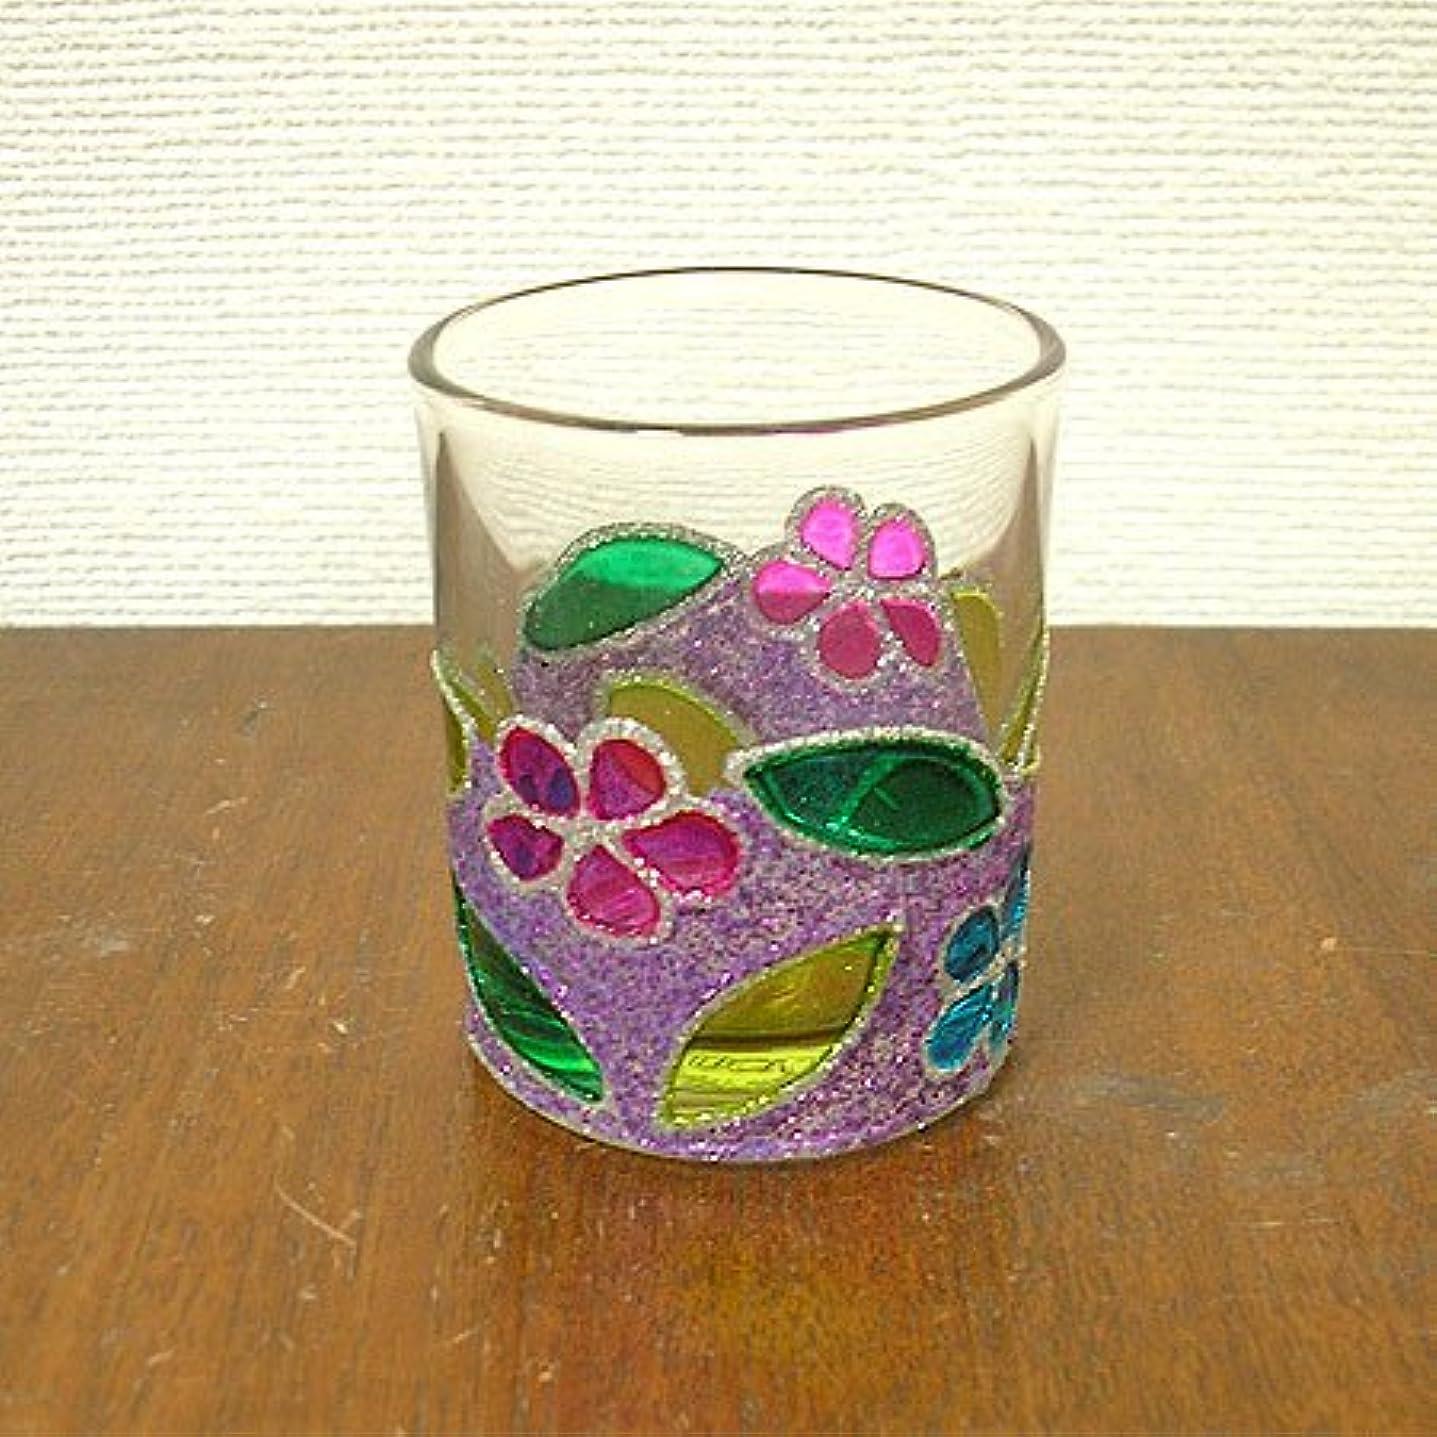 必要としている遺産分析アジアン キャンドルホルダー カップ グラス 花柄 パープル アジアン雑貨